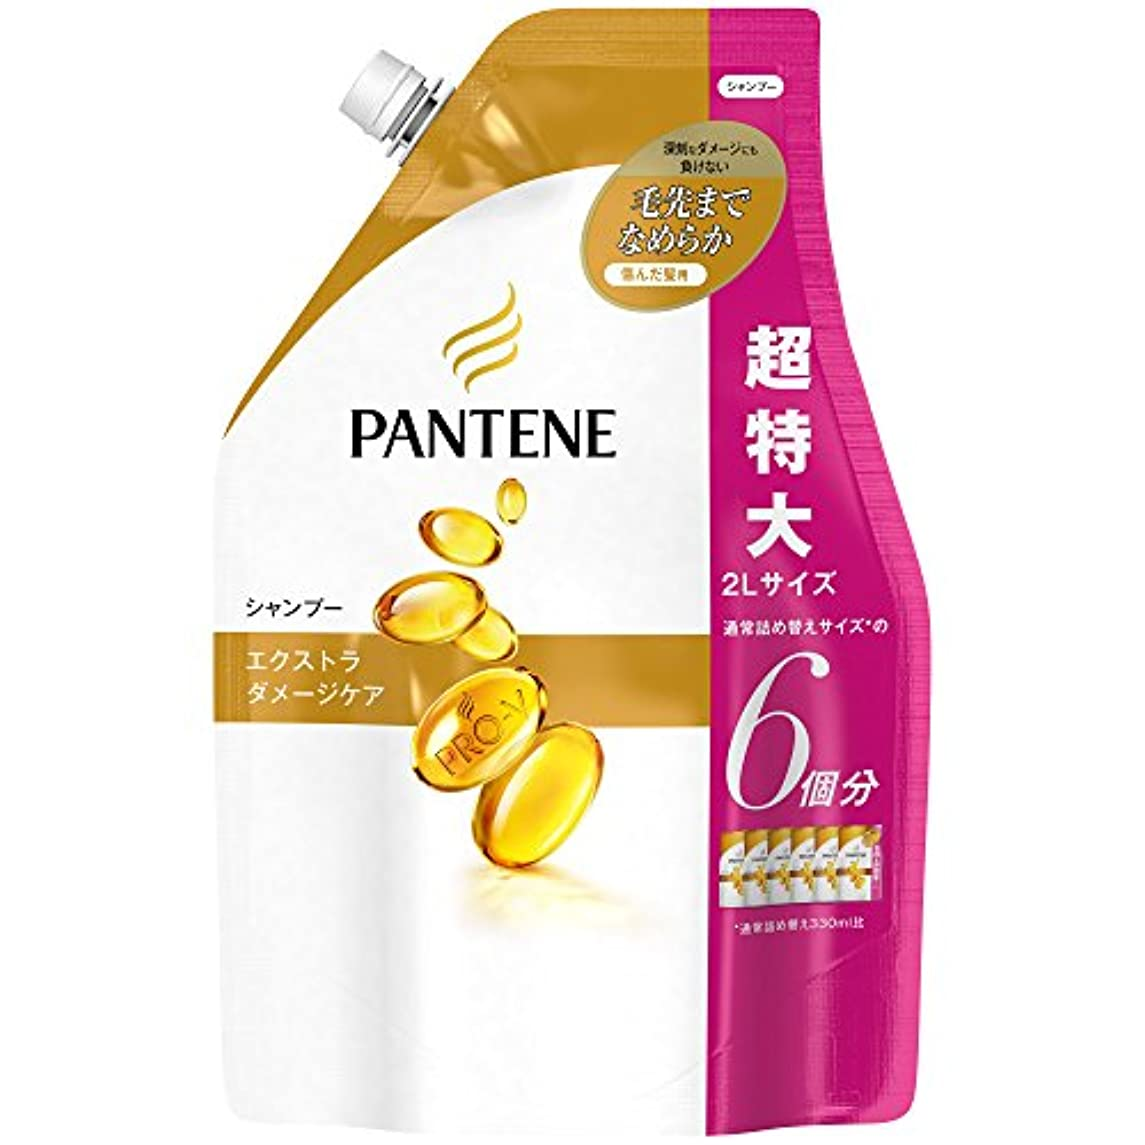 【大容量】パンテーン シャンプー エクストラダメージケア 詰替用 2000ml